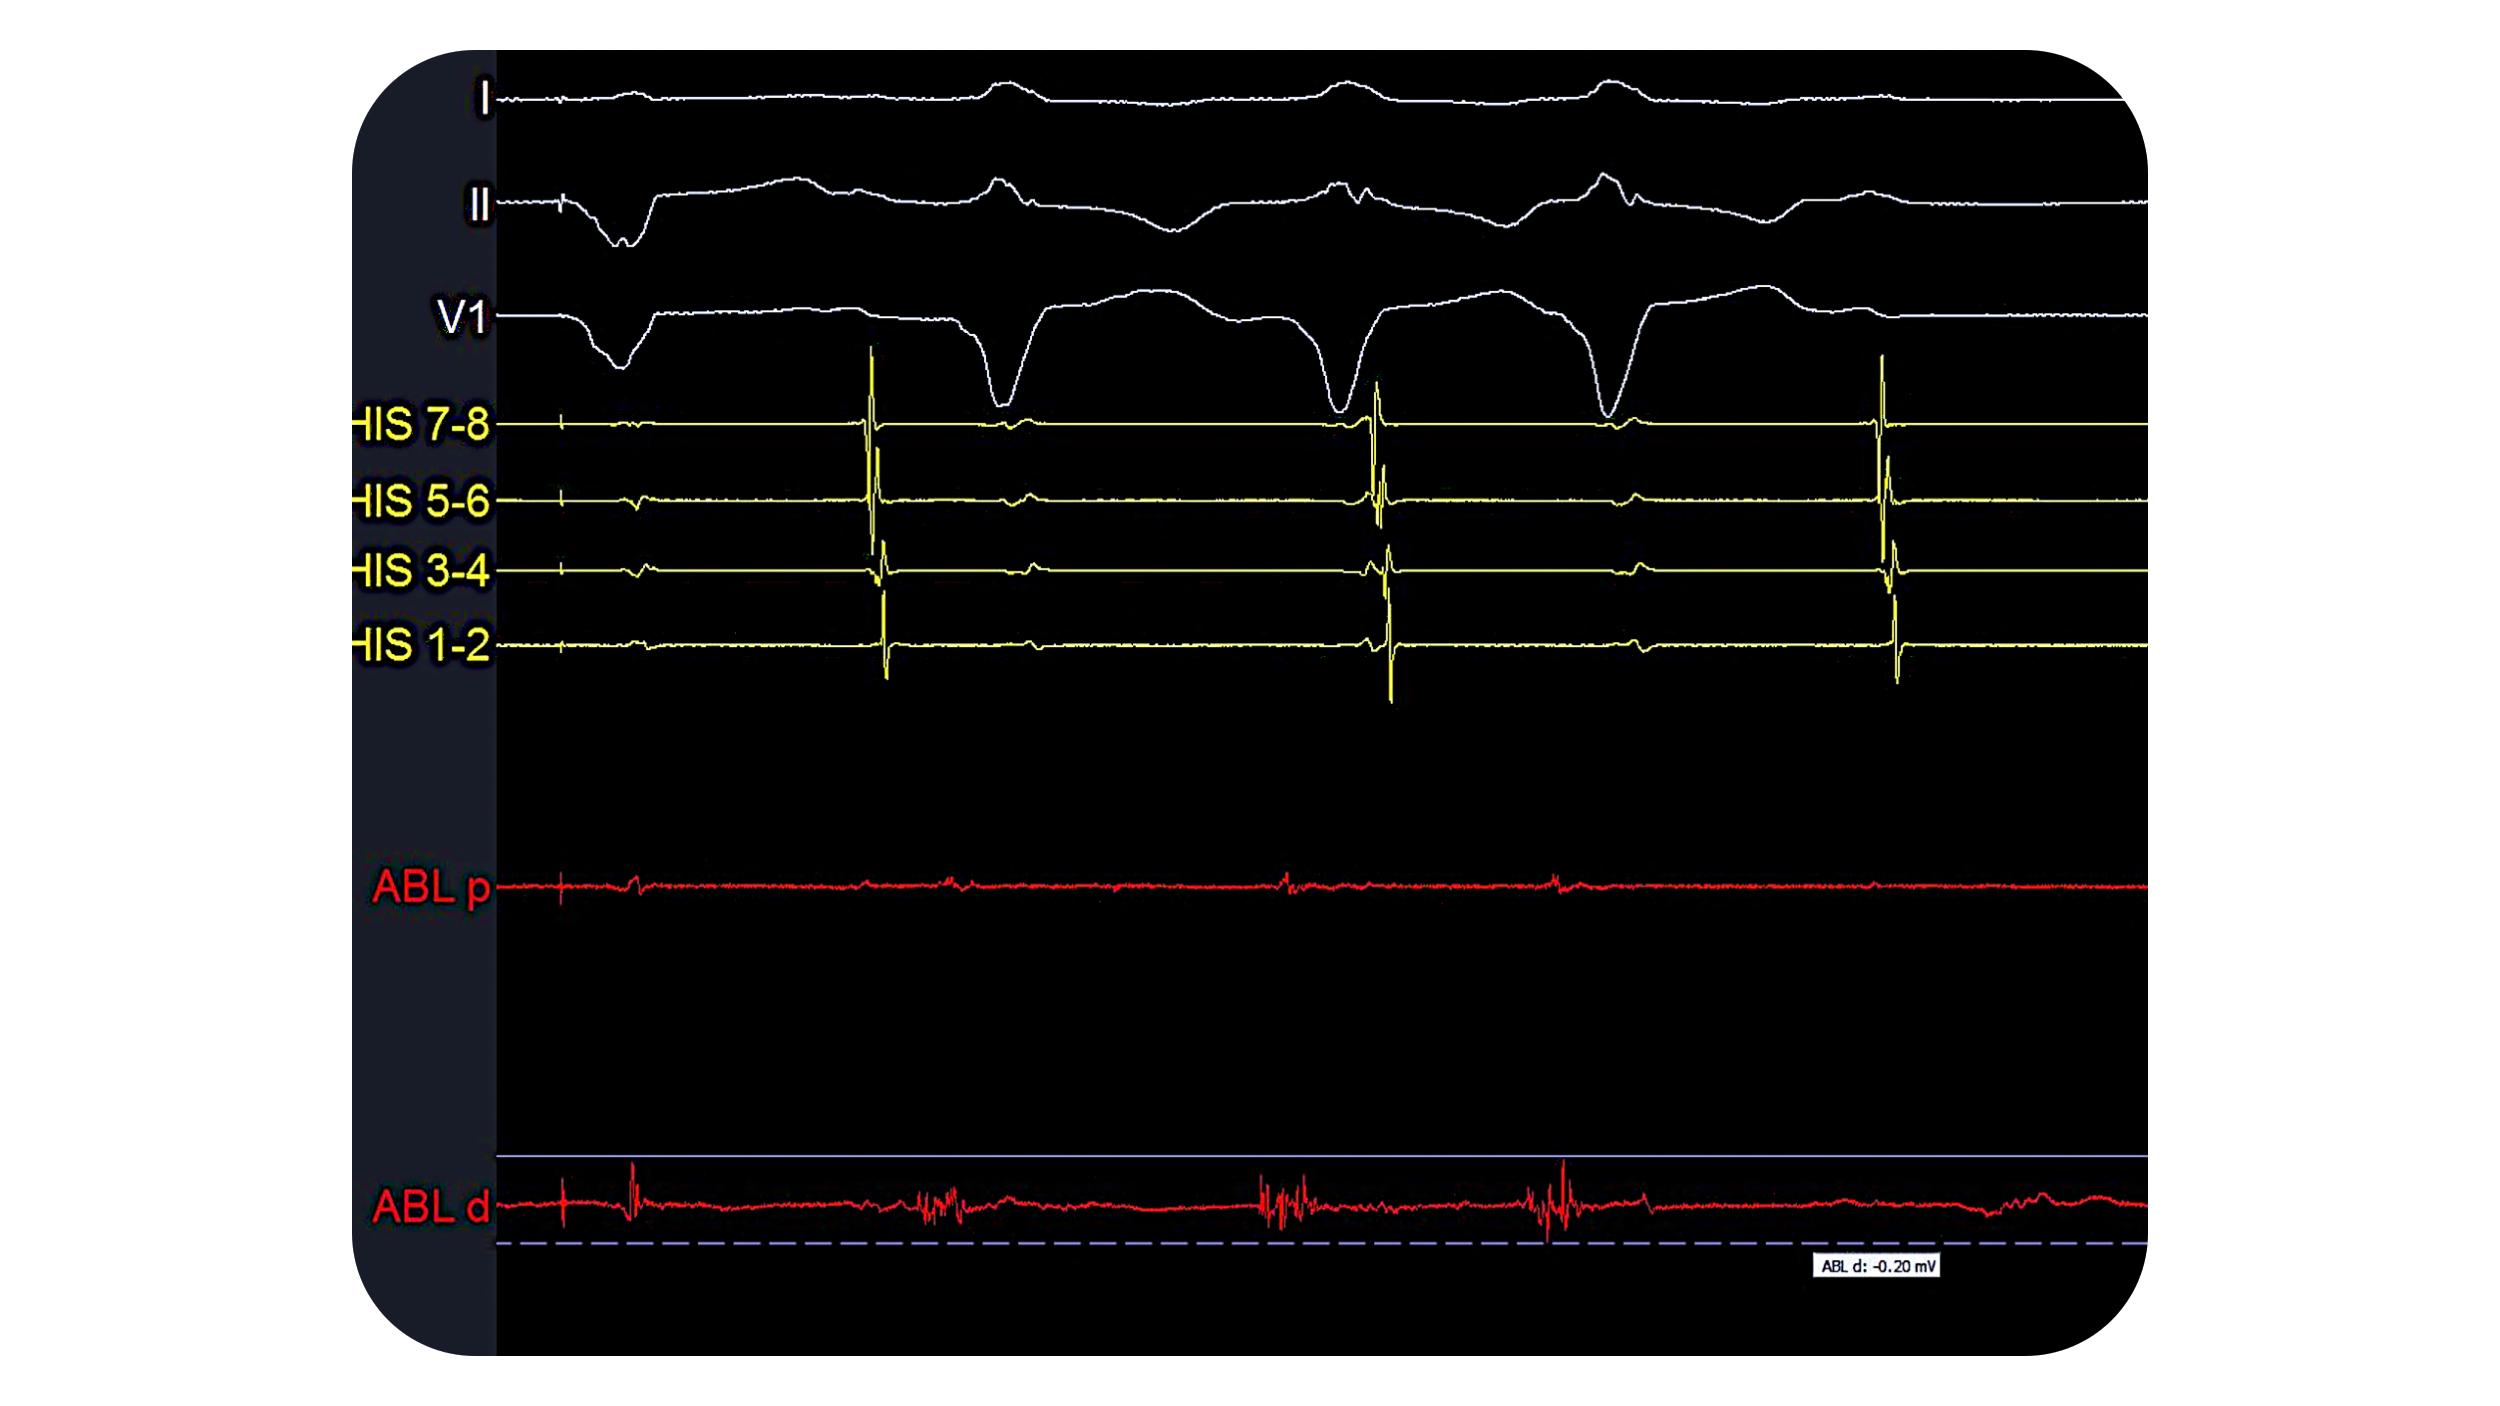 PURE EP - Ventricular Tachycardia